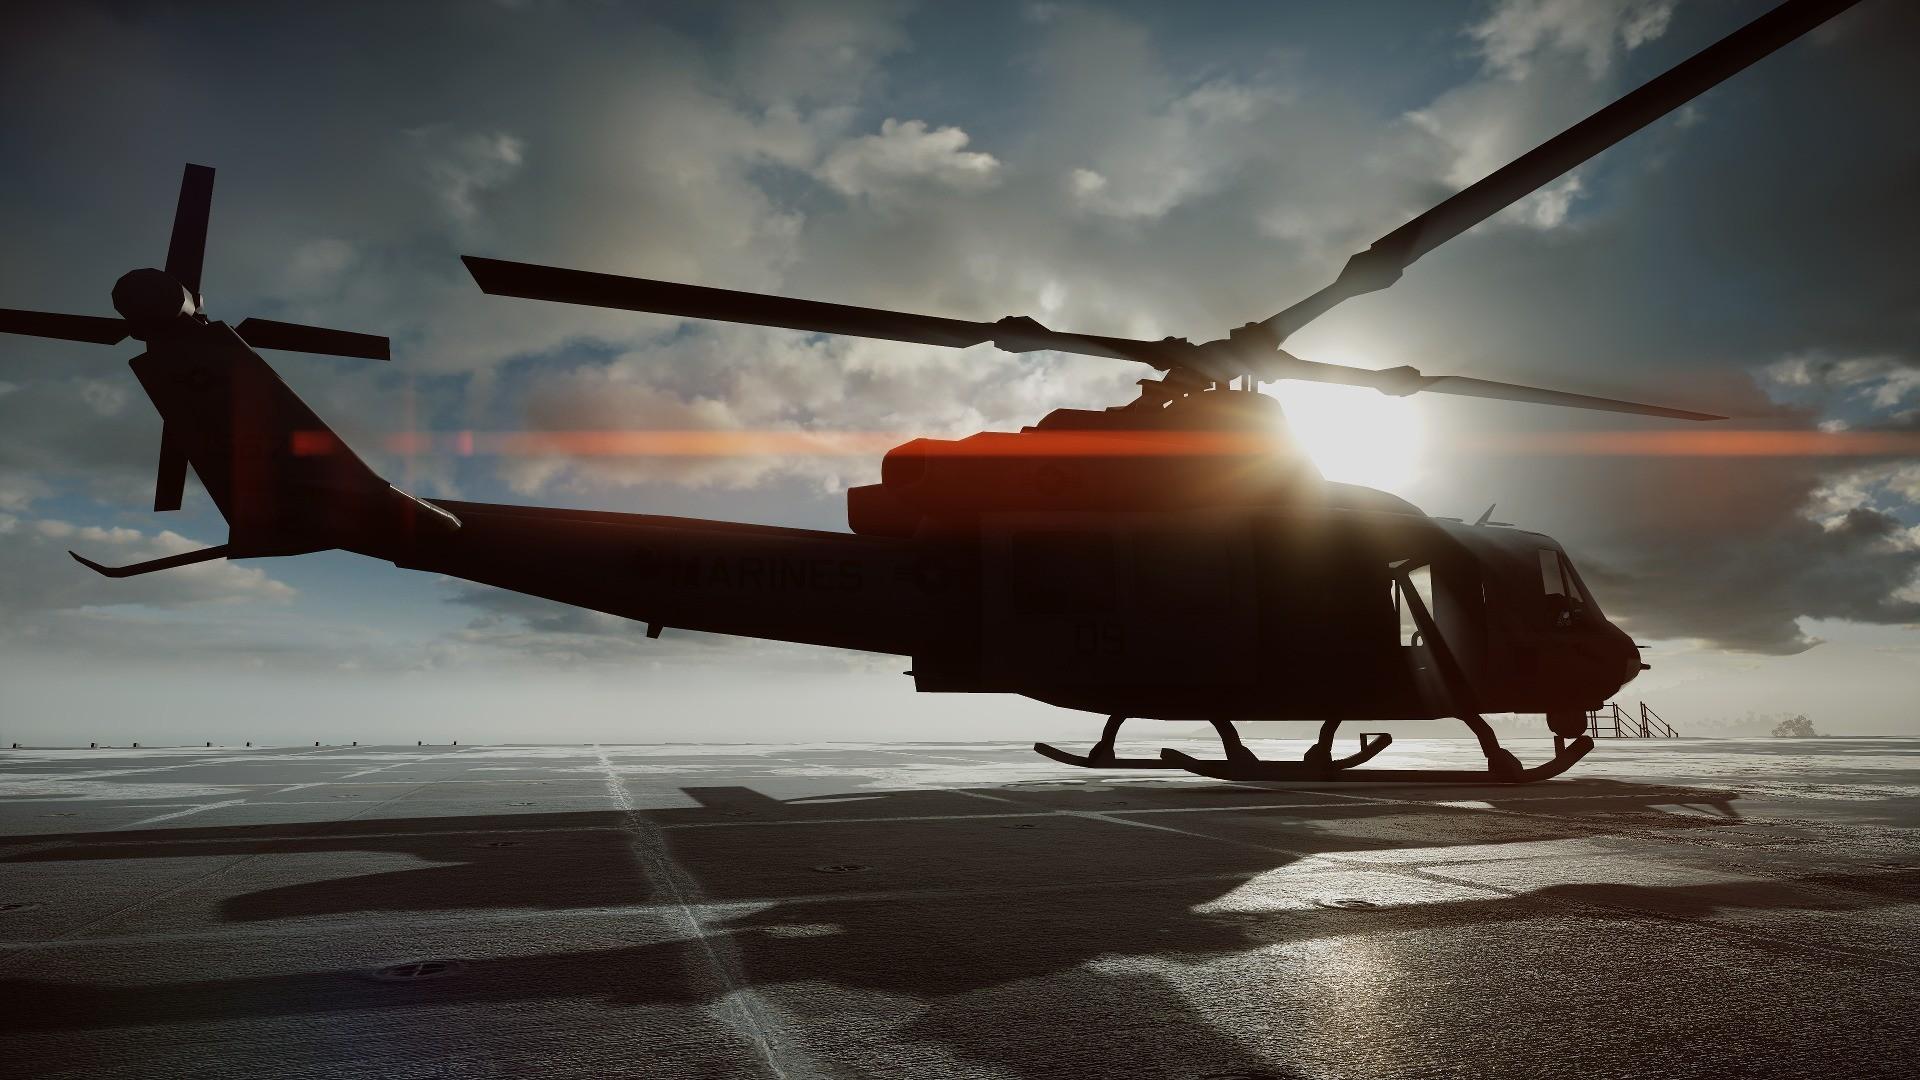 Красивые фото вертолетов на рабочий стол